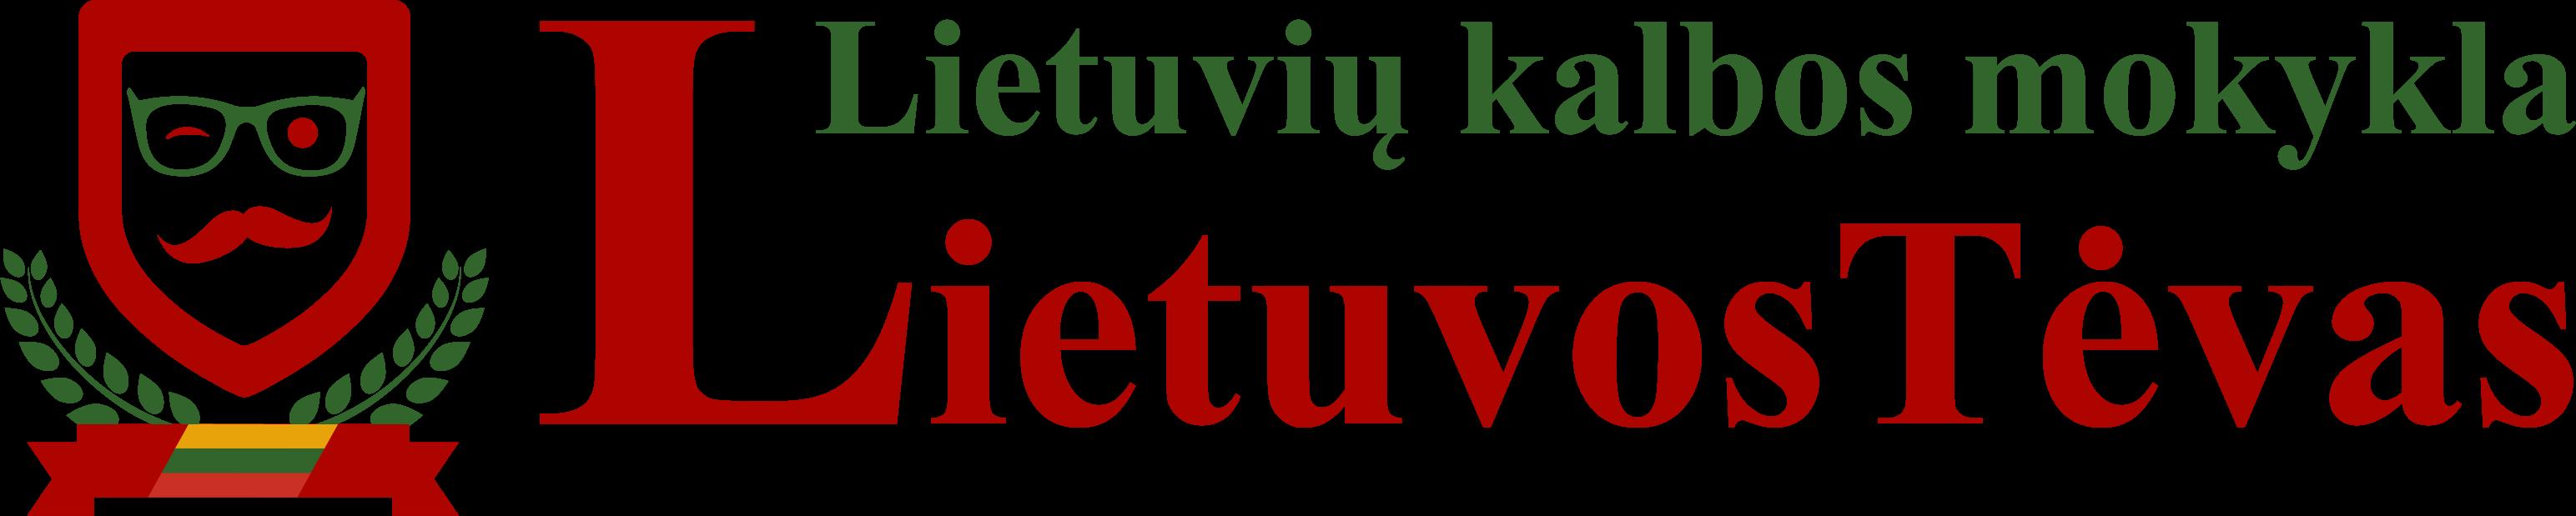 Школа литовского языка LietuvosTėvas